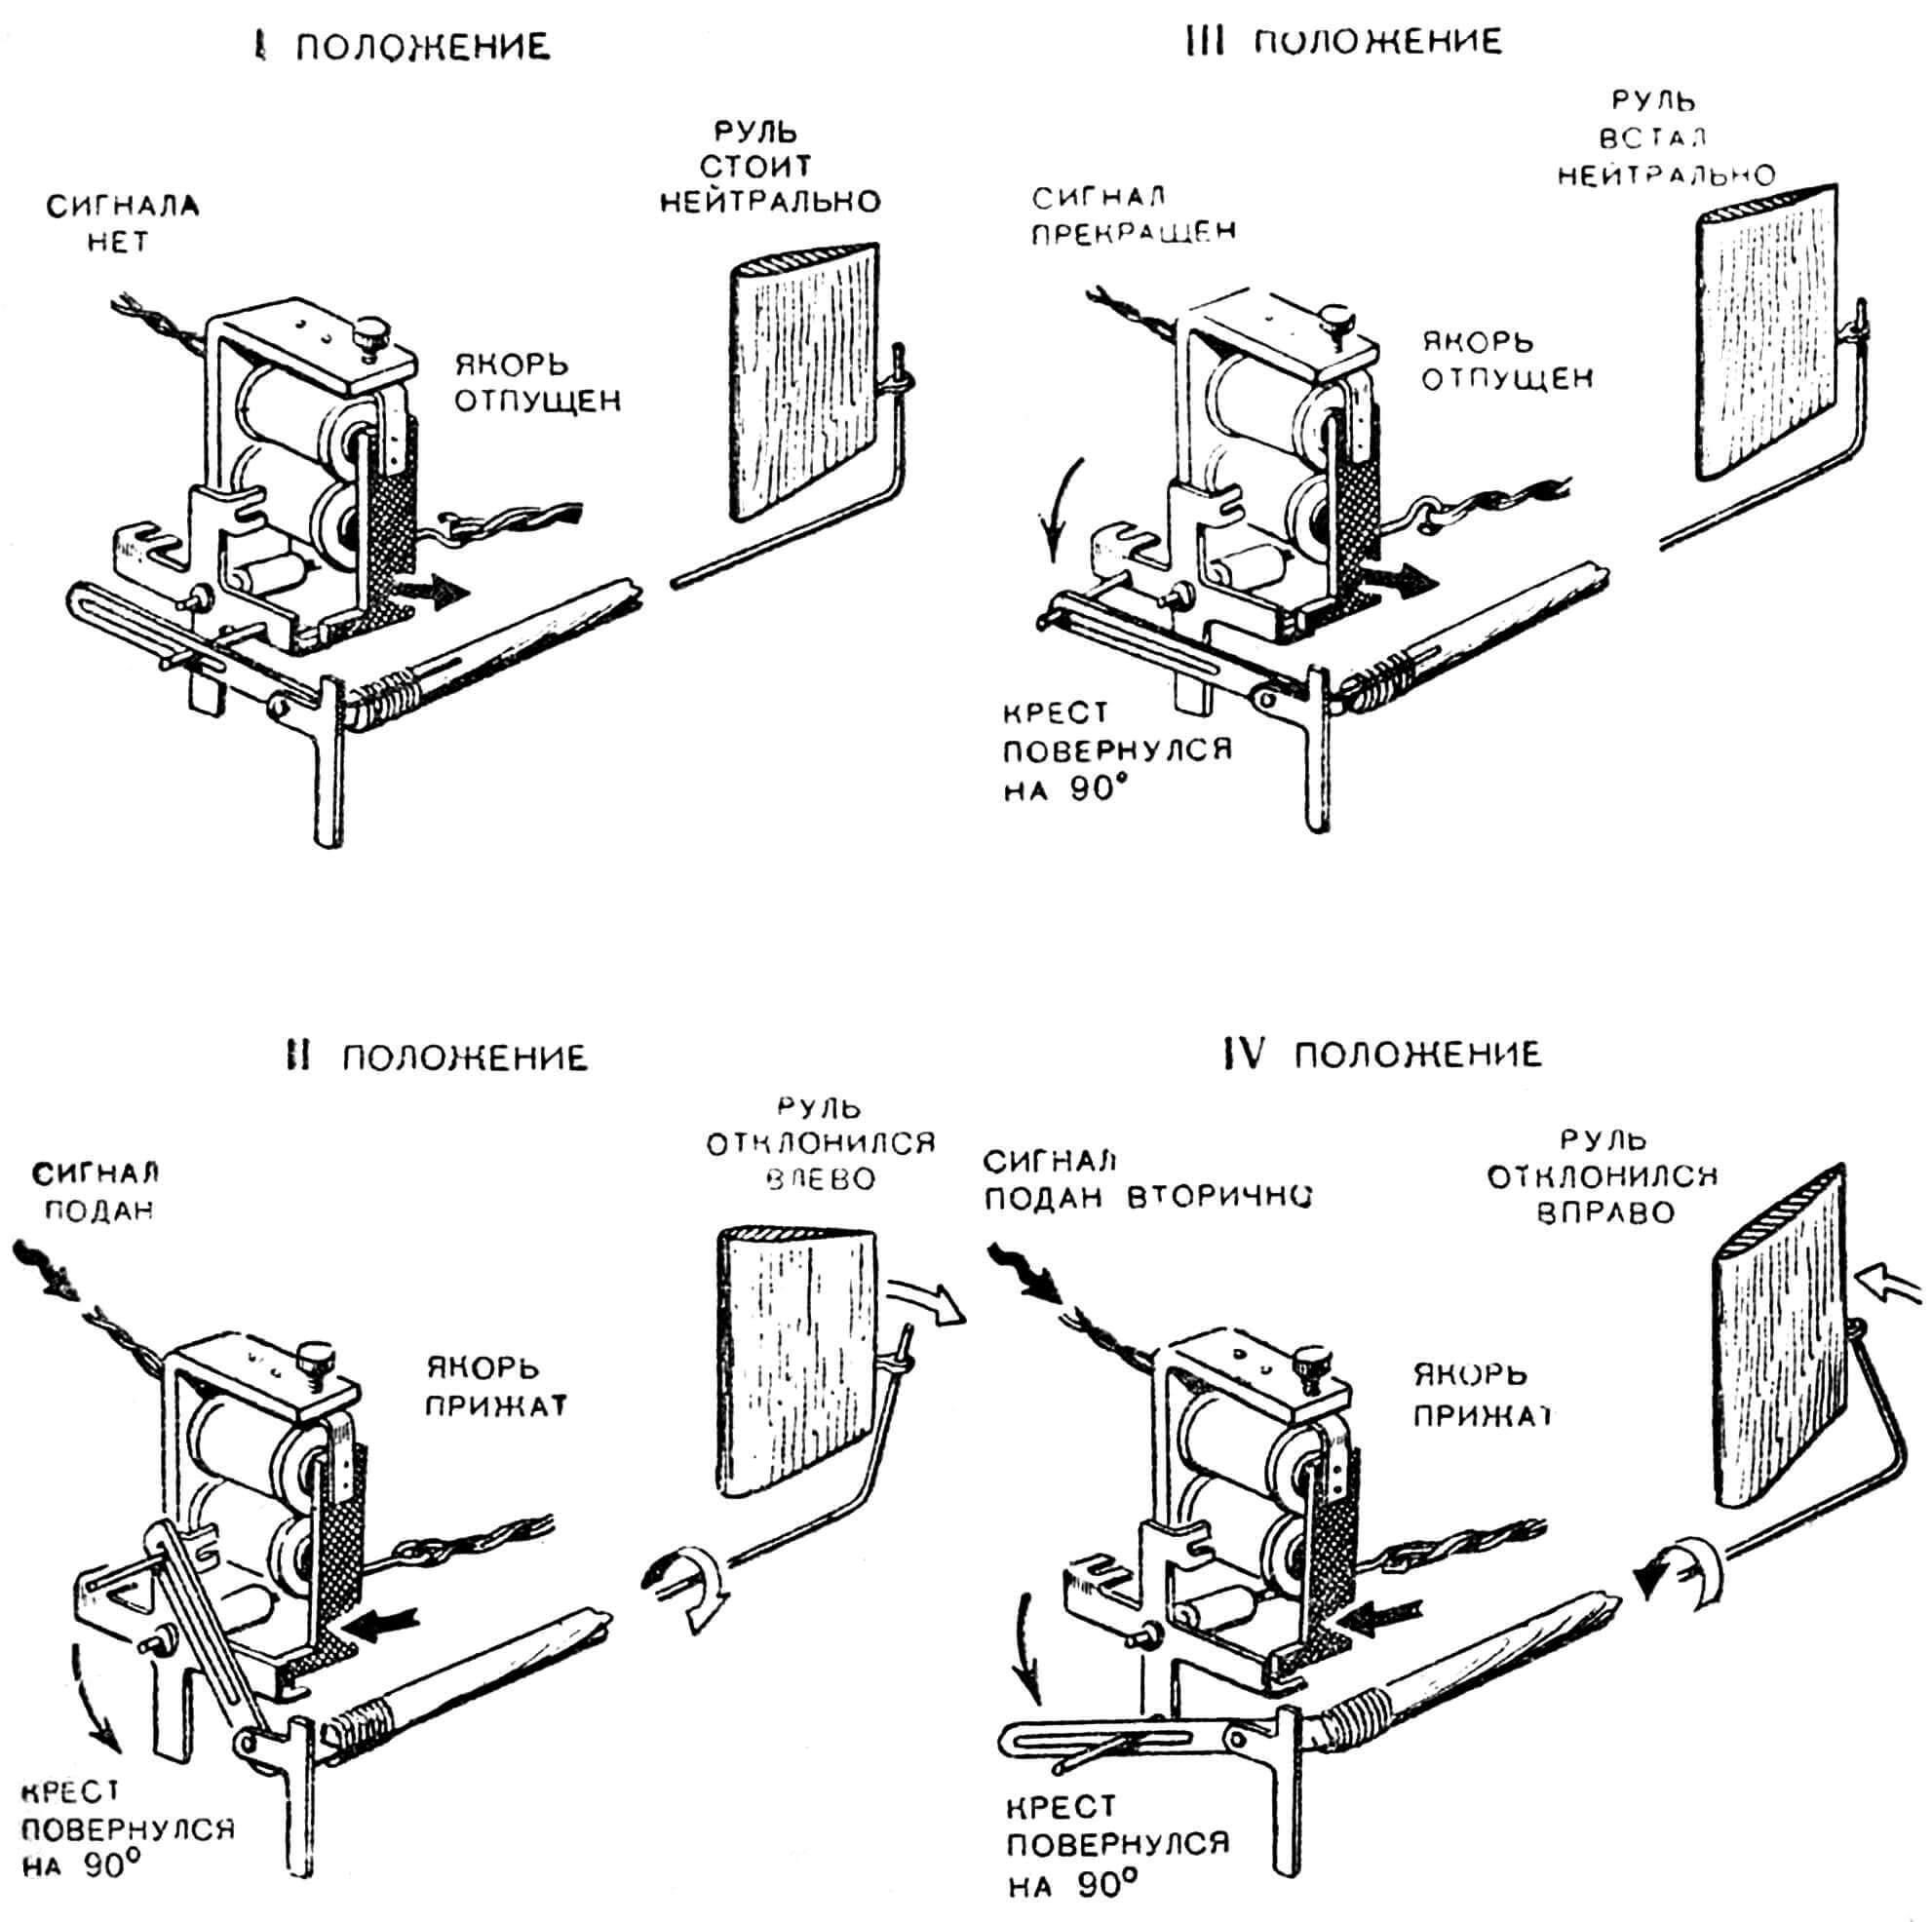 Рис. 3. Положения руля при срабатывании исполнительного электромагнита.